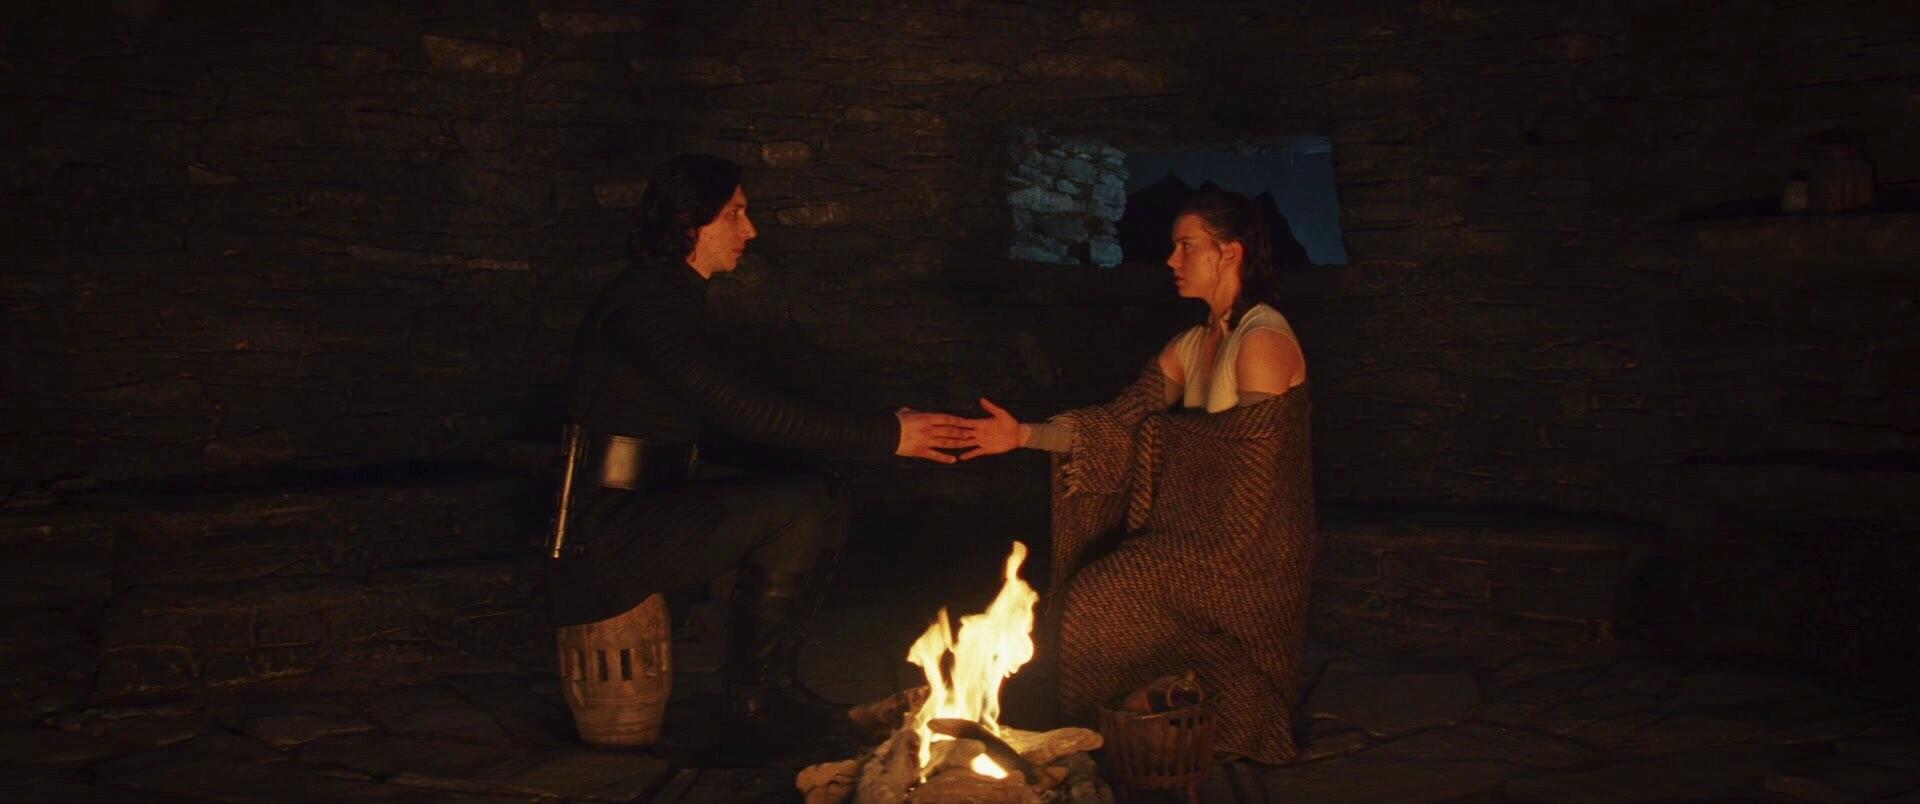 Kylo Ren y Rey sienten una conexión. Fotograma de 'Star Wars VIII: Los últimos Jedi' (2017) de Rian Johnson